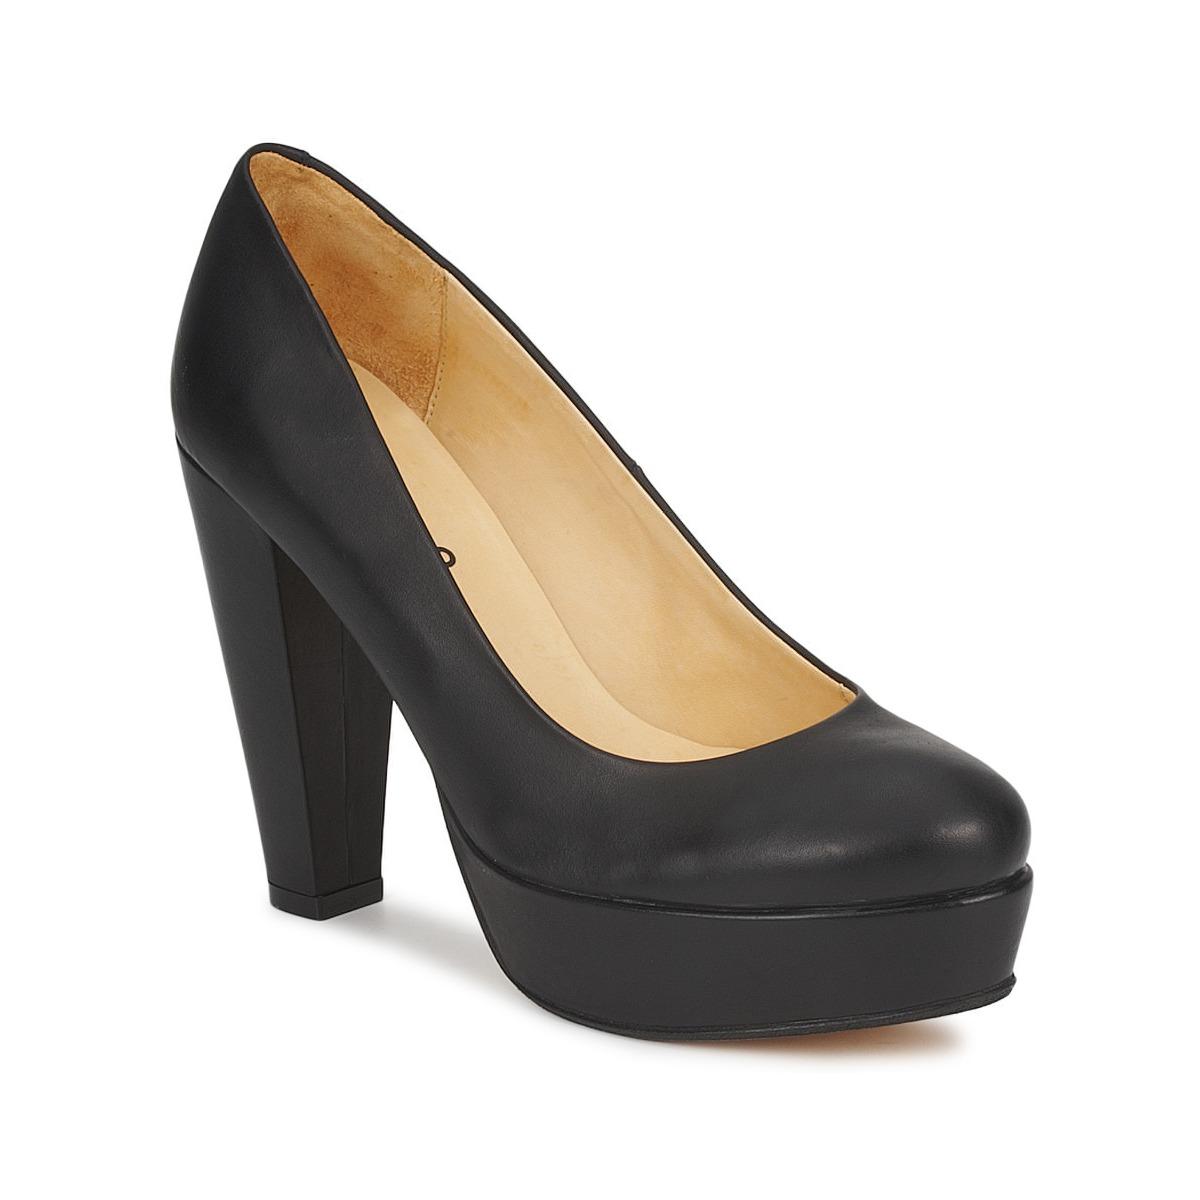 Em Grande Estilo: Sapatos de salto alto compensados